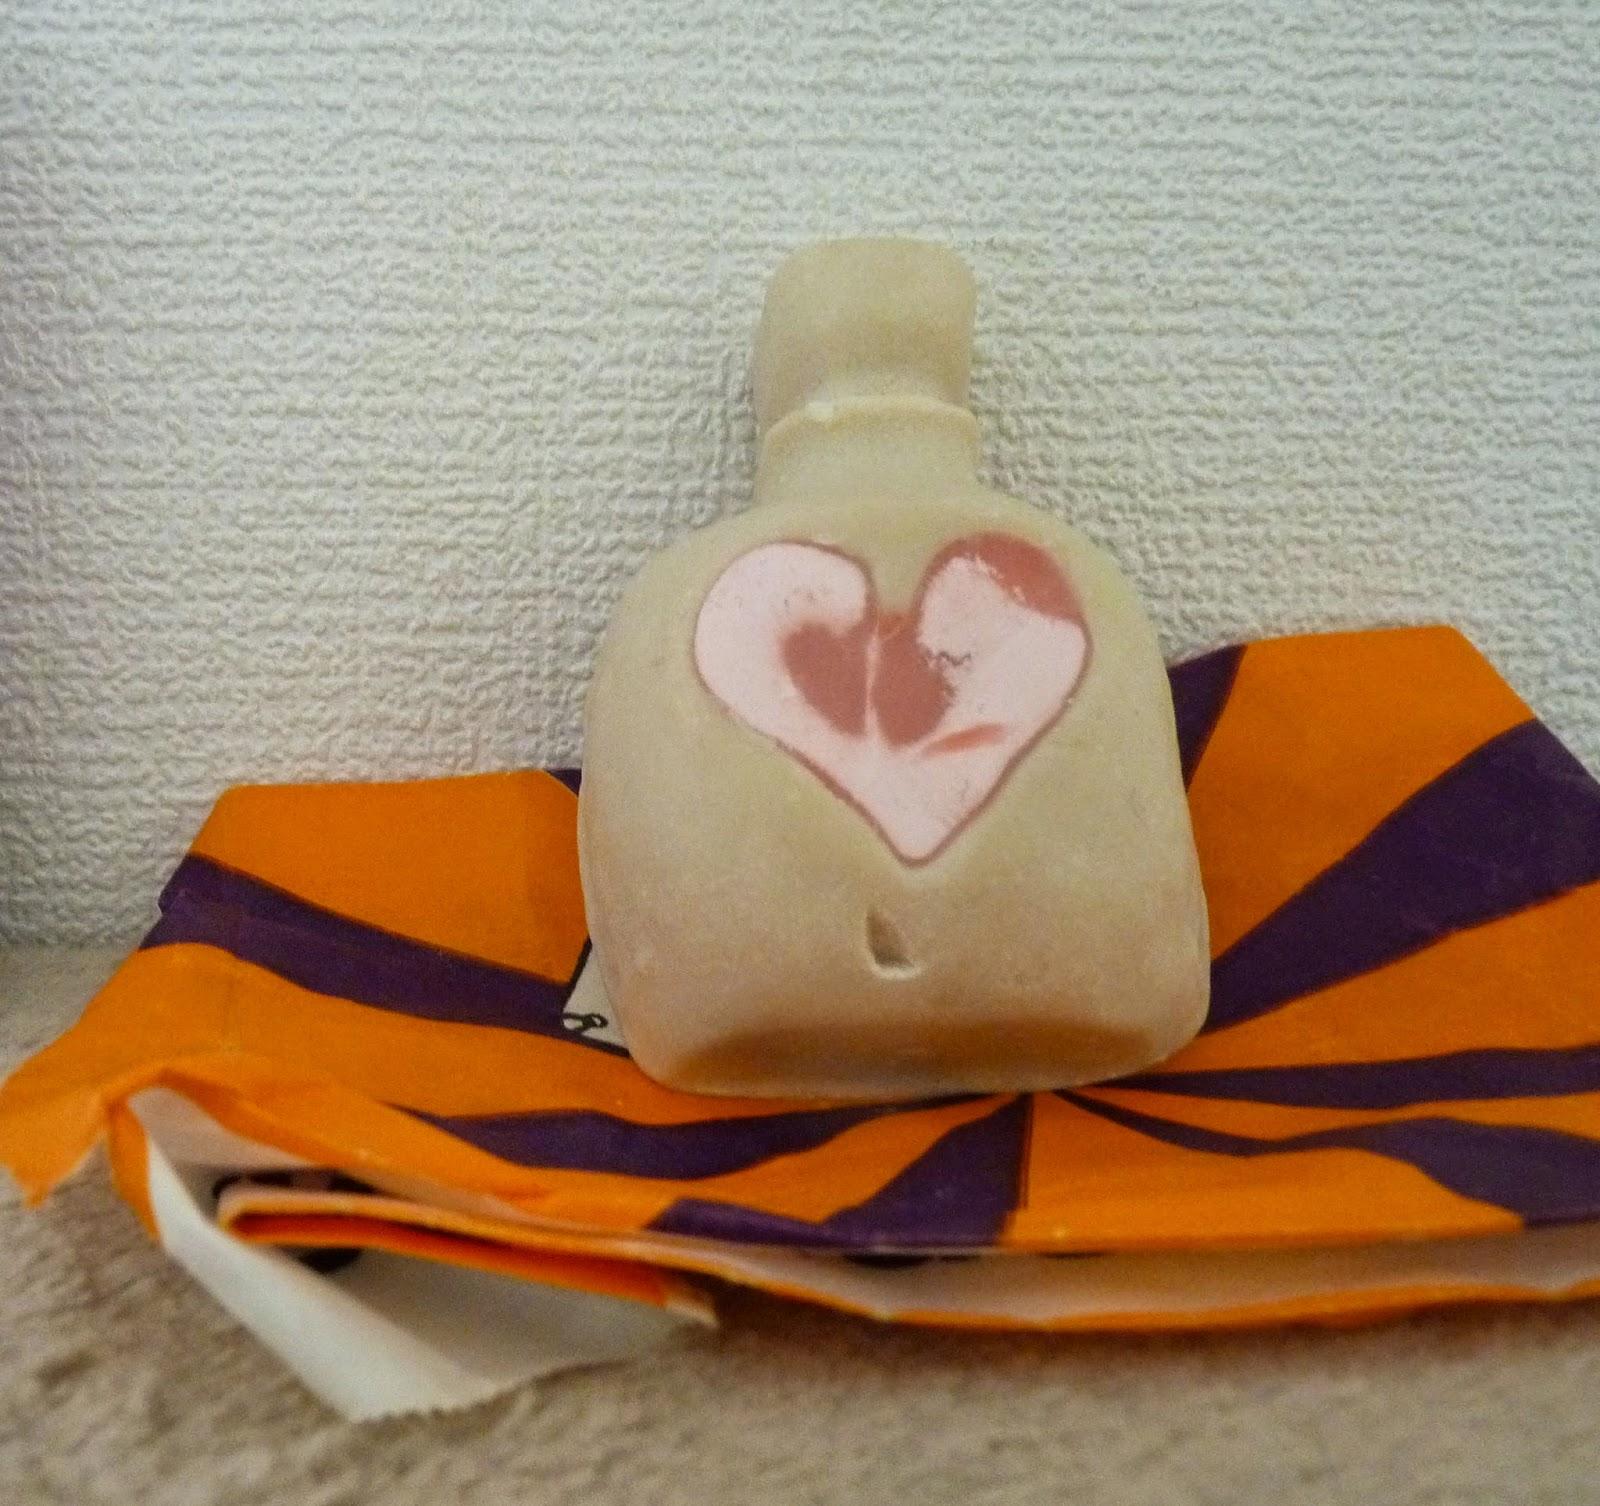 peremption, produits cosmétiques périmés, changement de couleur, edition saint valentin, lush, massage